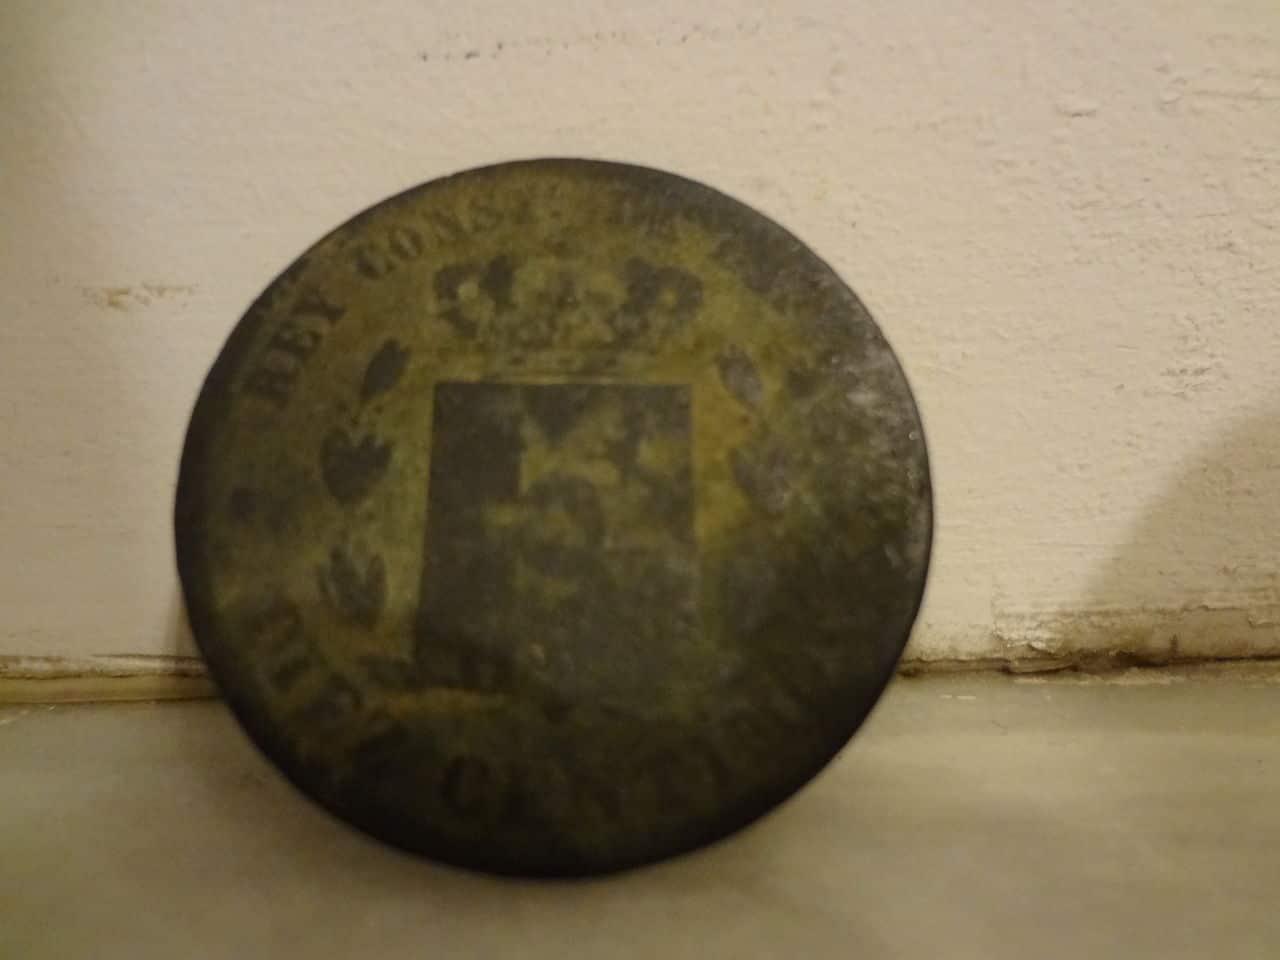 NECESITO AYUDA - TENGO UNA MONEDA DE ALFONSO XII 1873?¿ 615